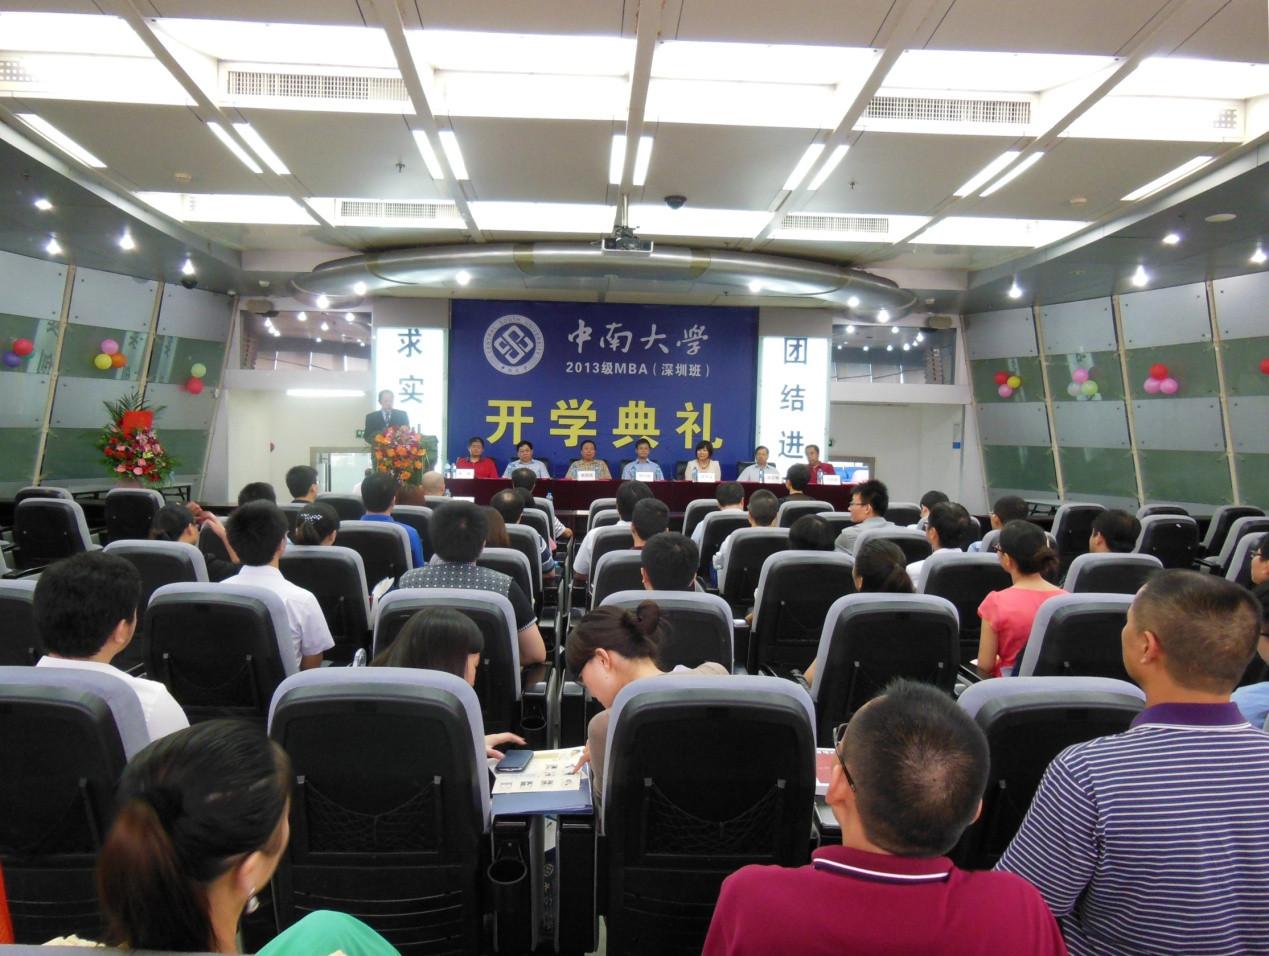 中南大学2013级MBA(深圳班)开学典礼-